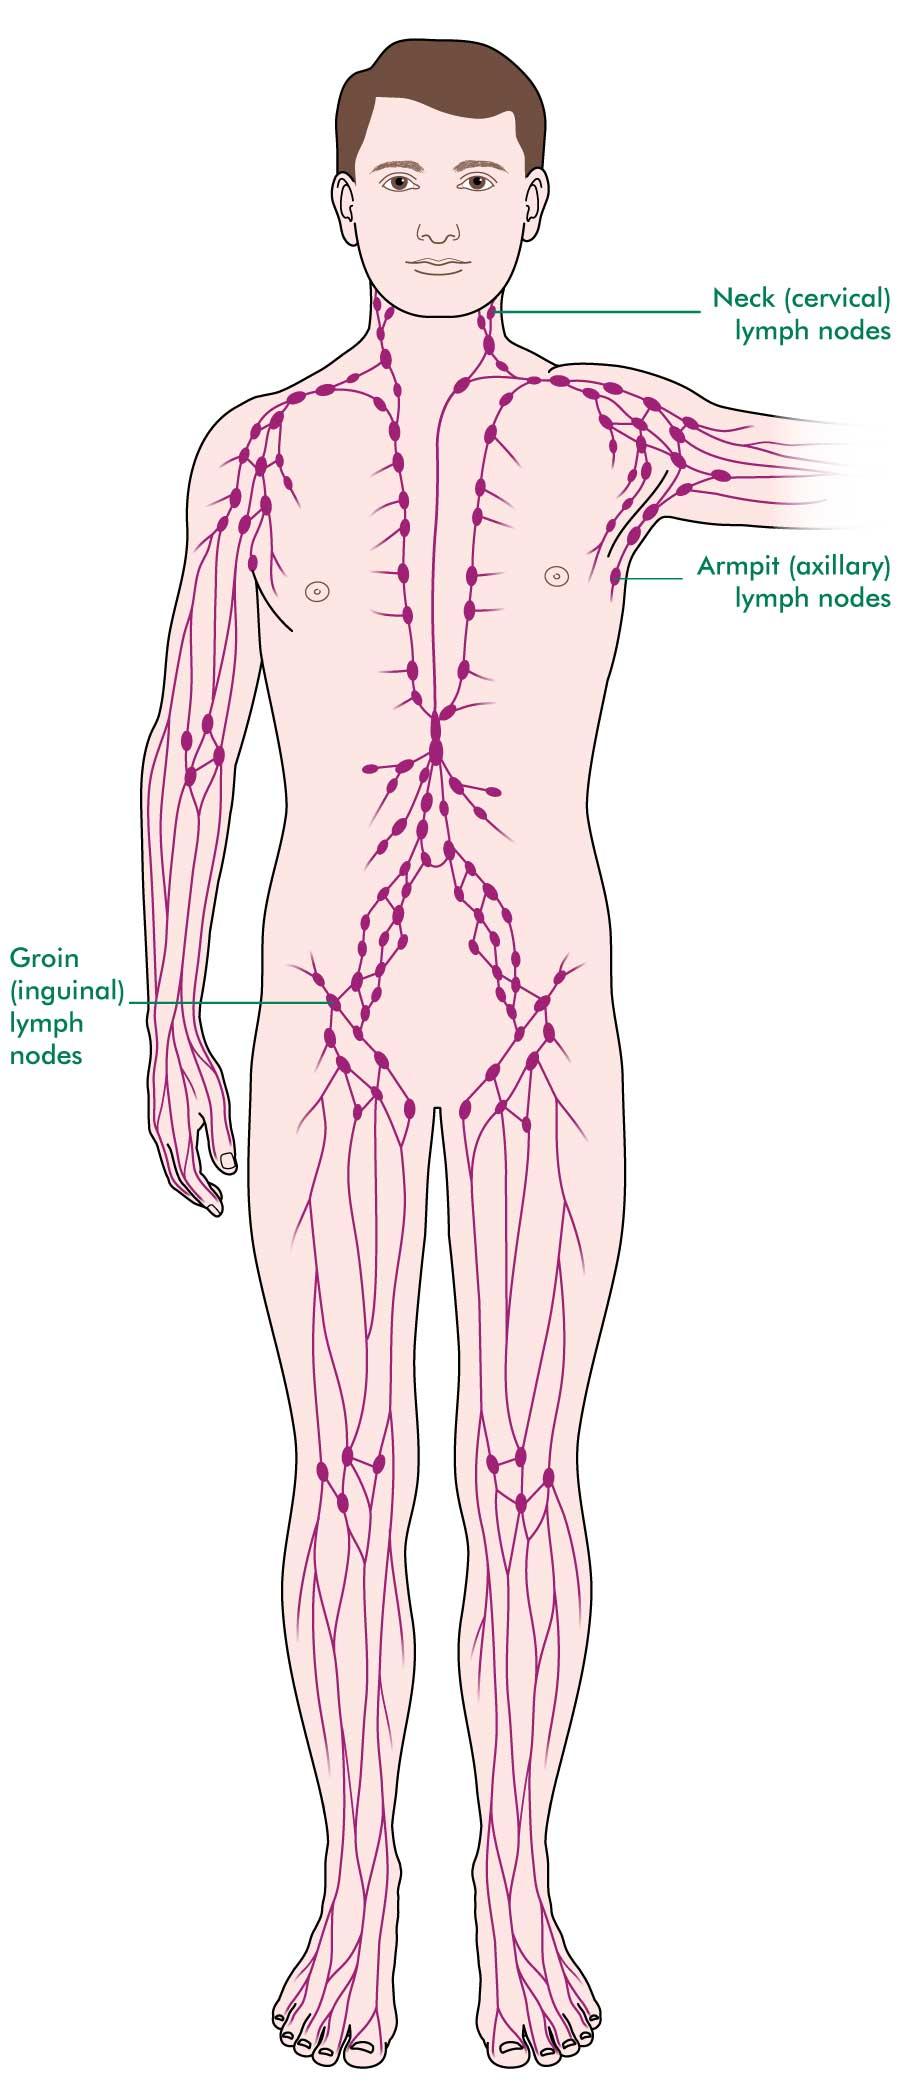 metastatic cancer lymph nodes symptoms